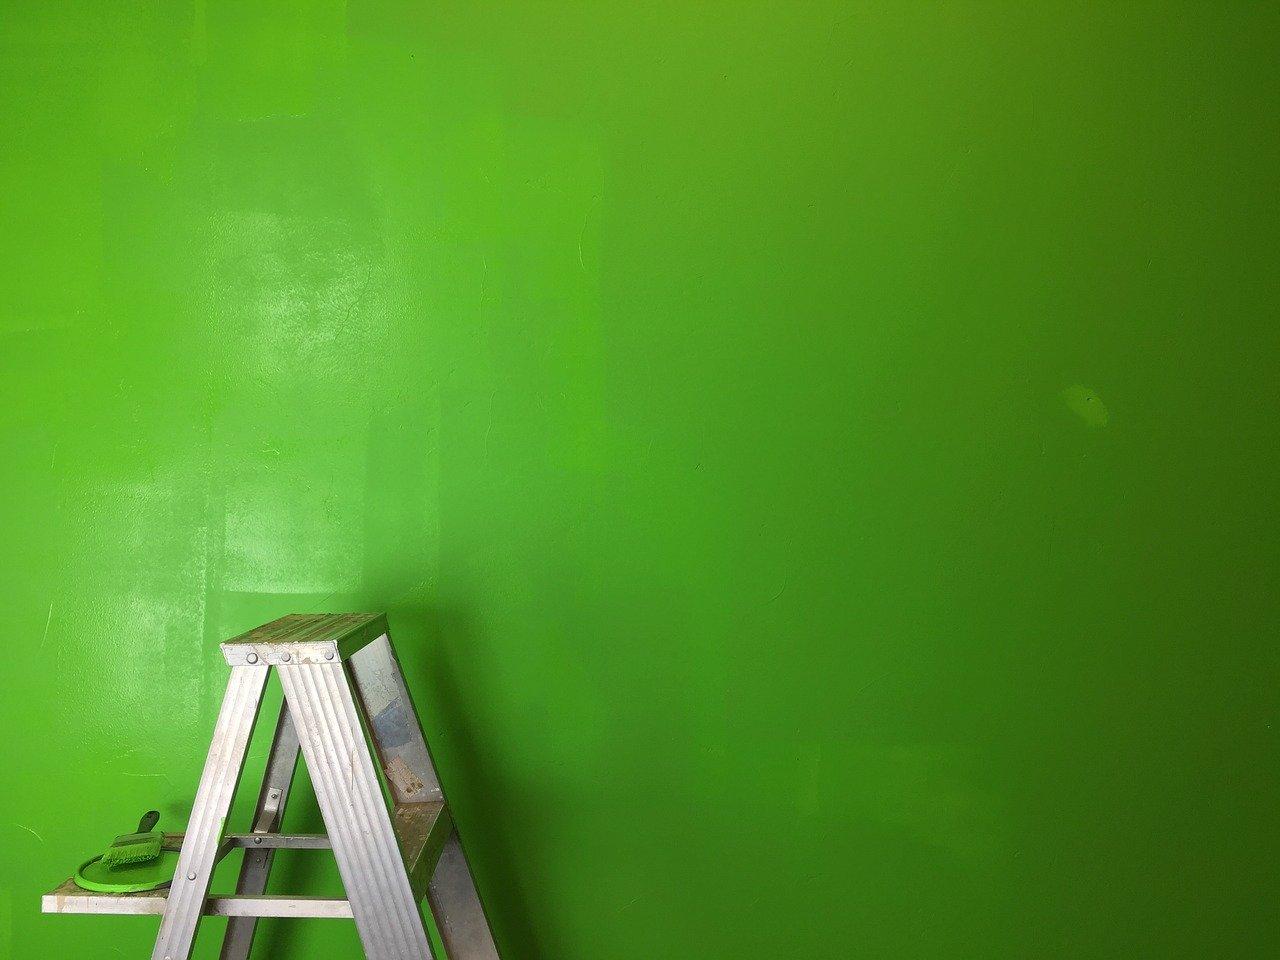 Szczegóły też mają znaczenie czyli jak malować bez potknięć?